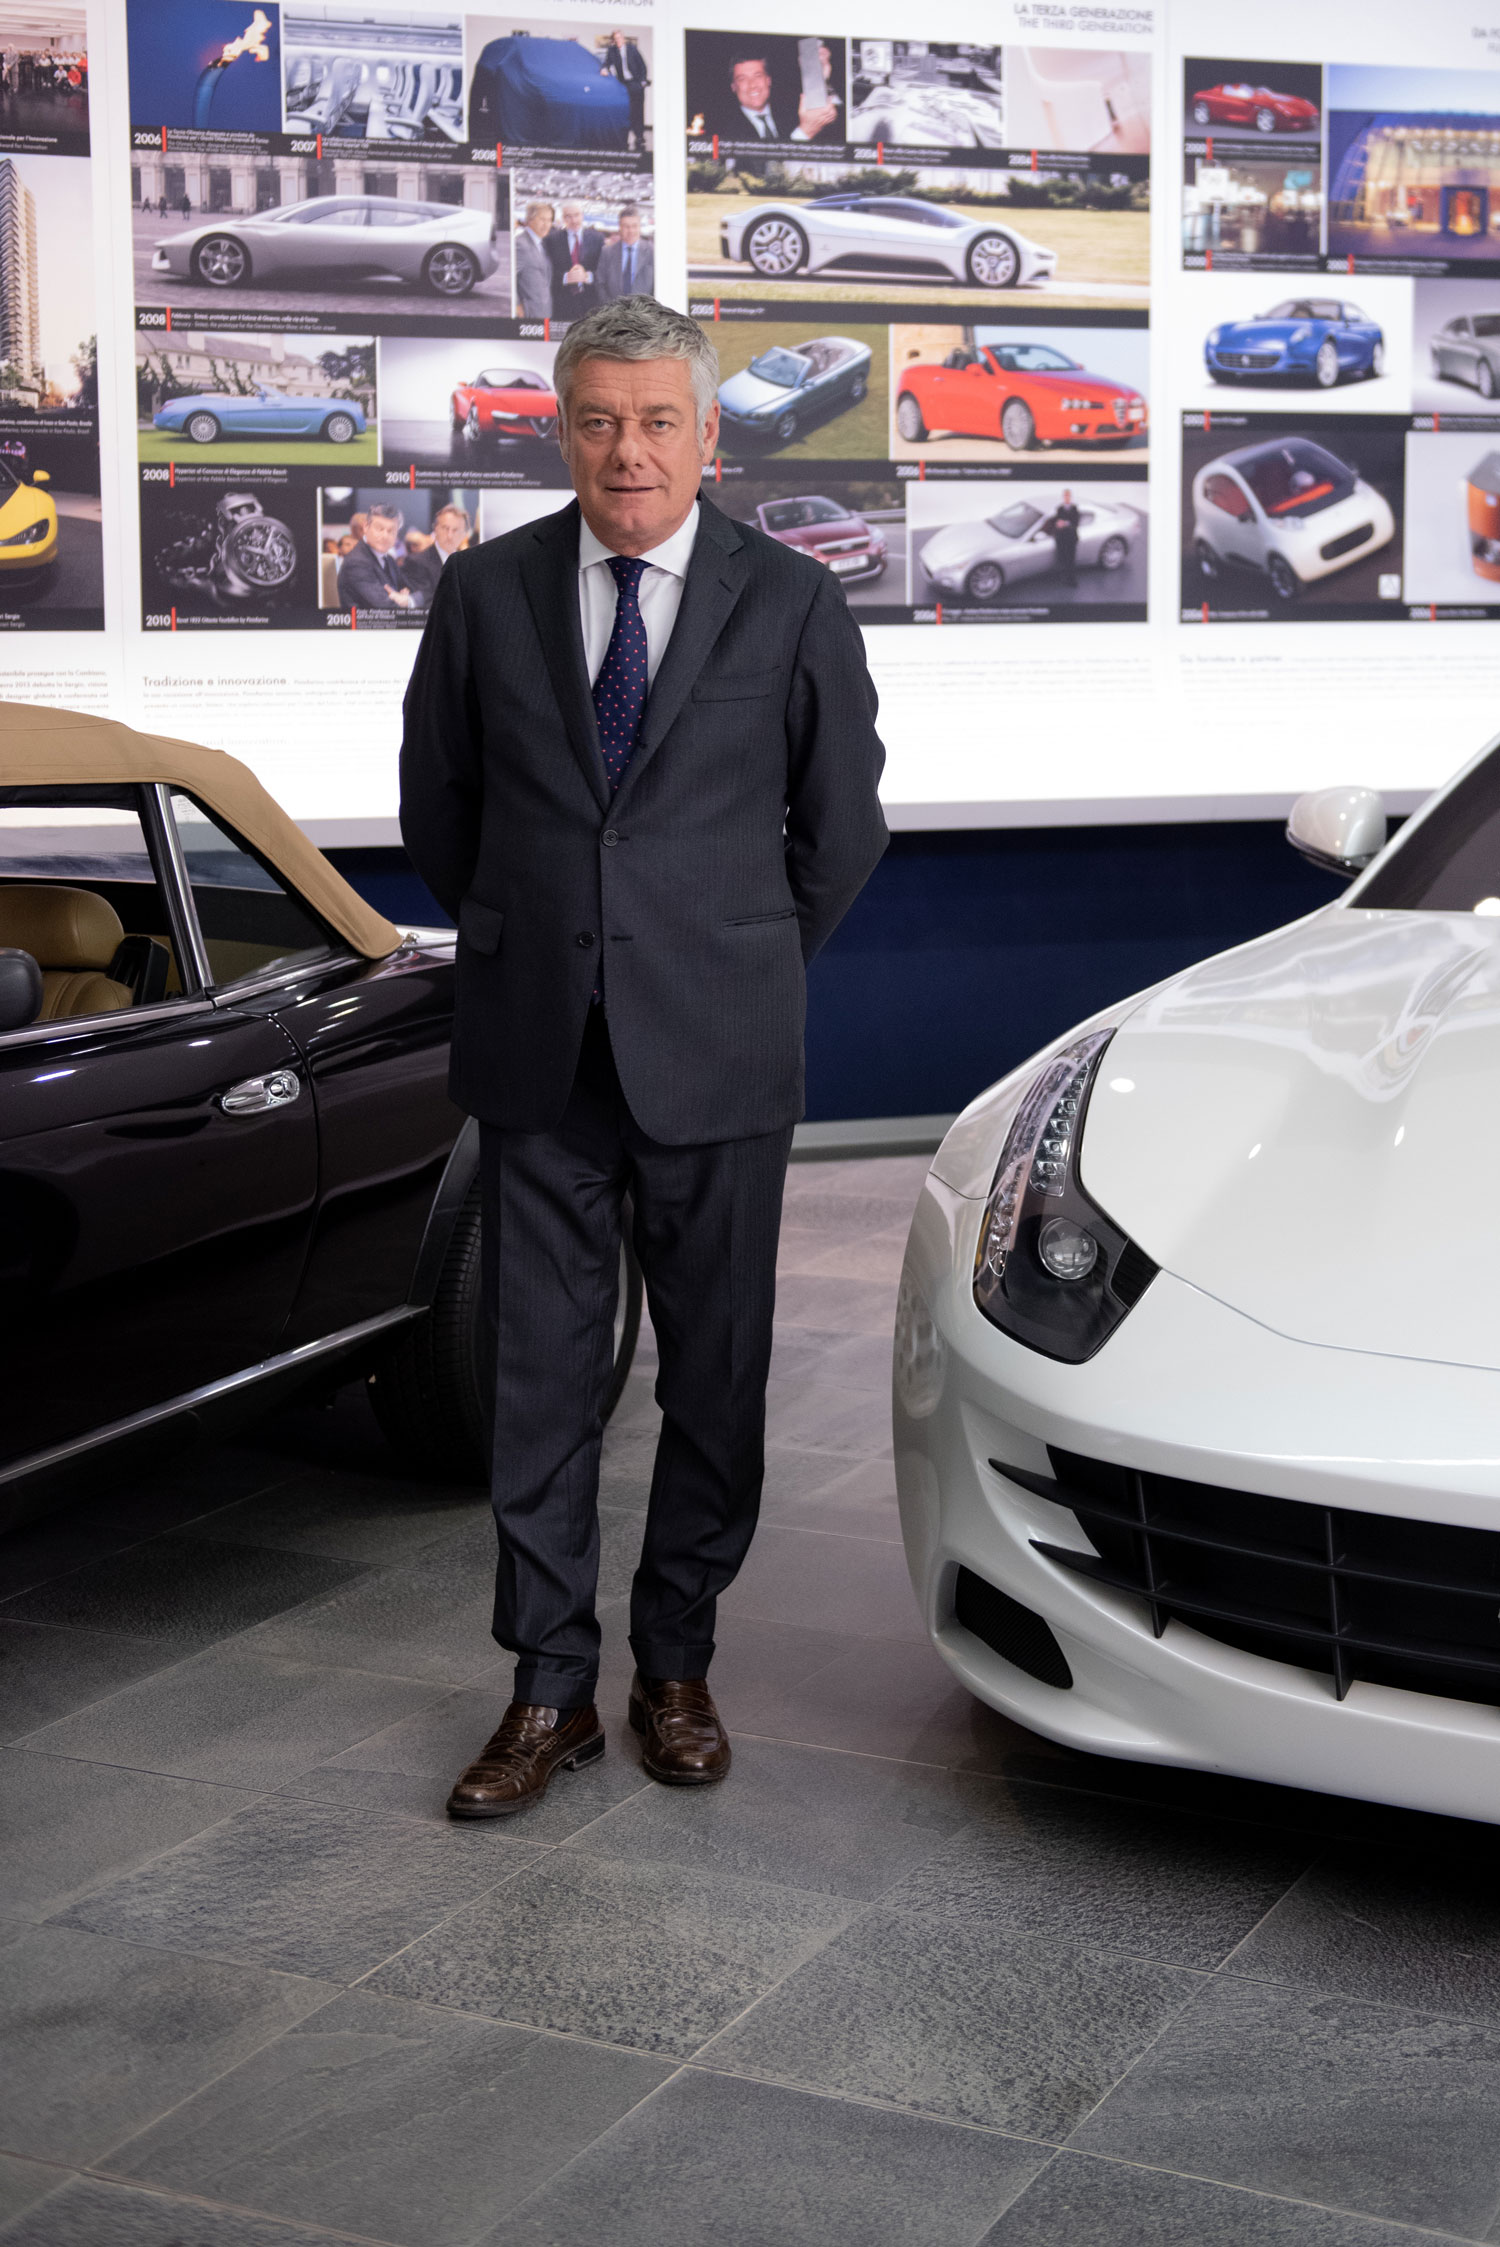 Paolo Pininfarina